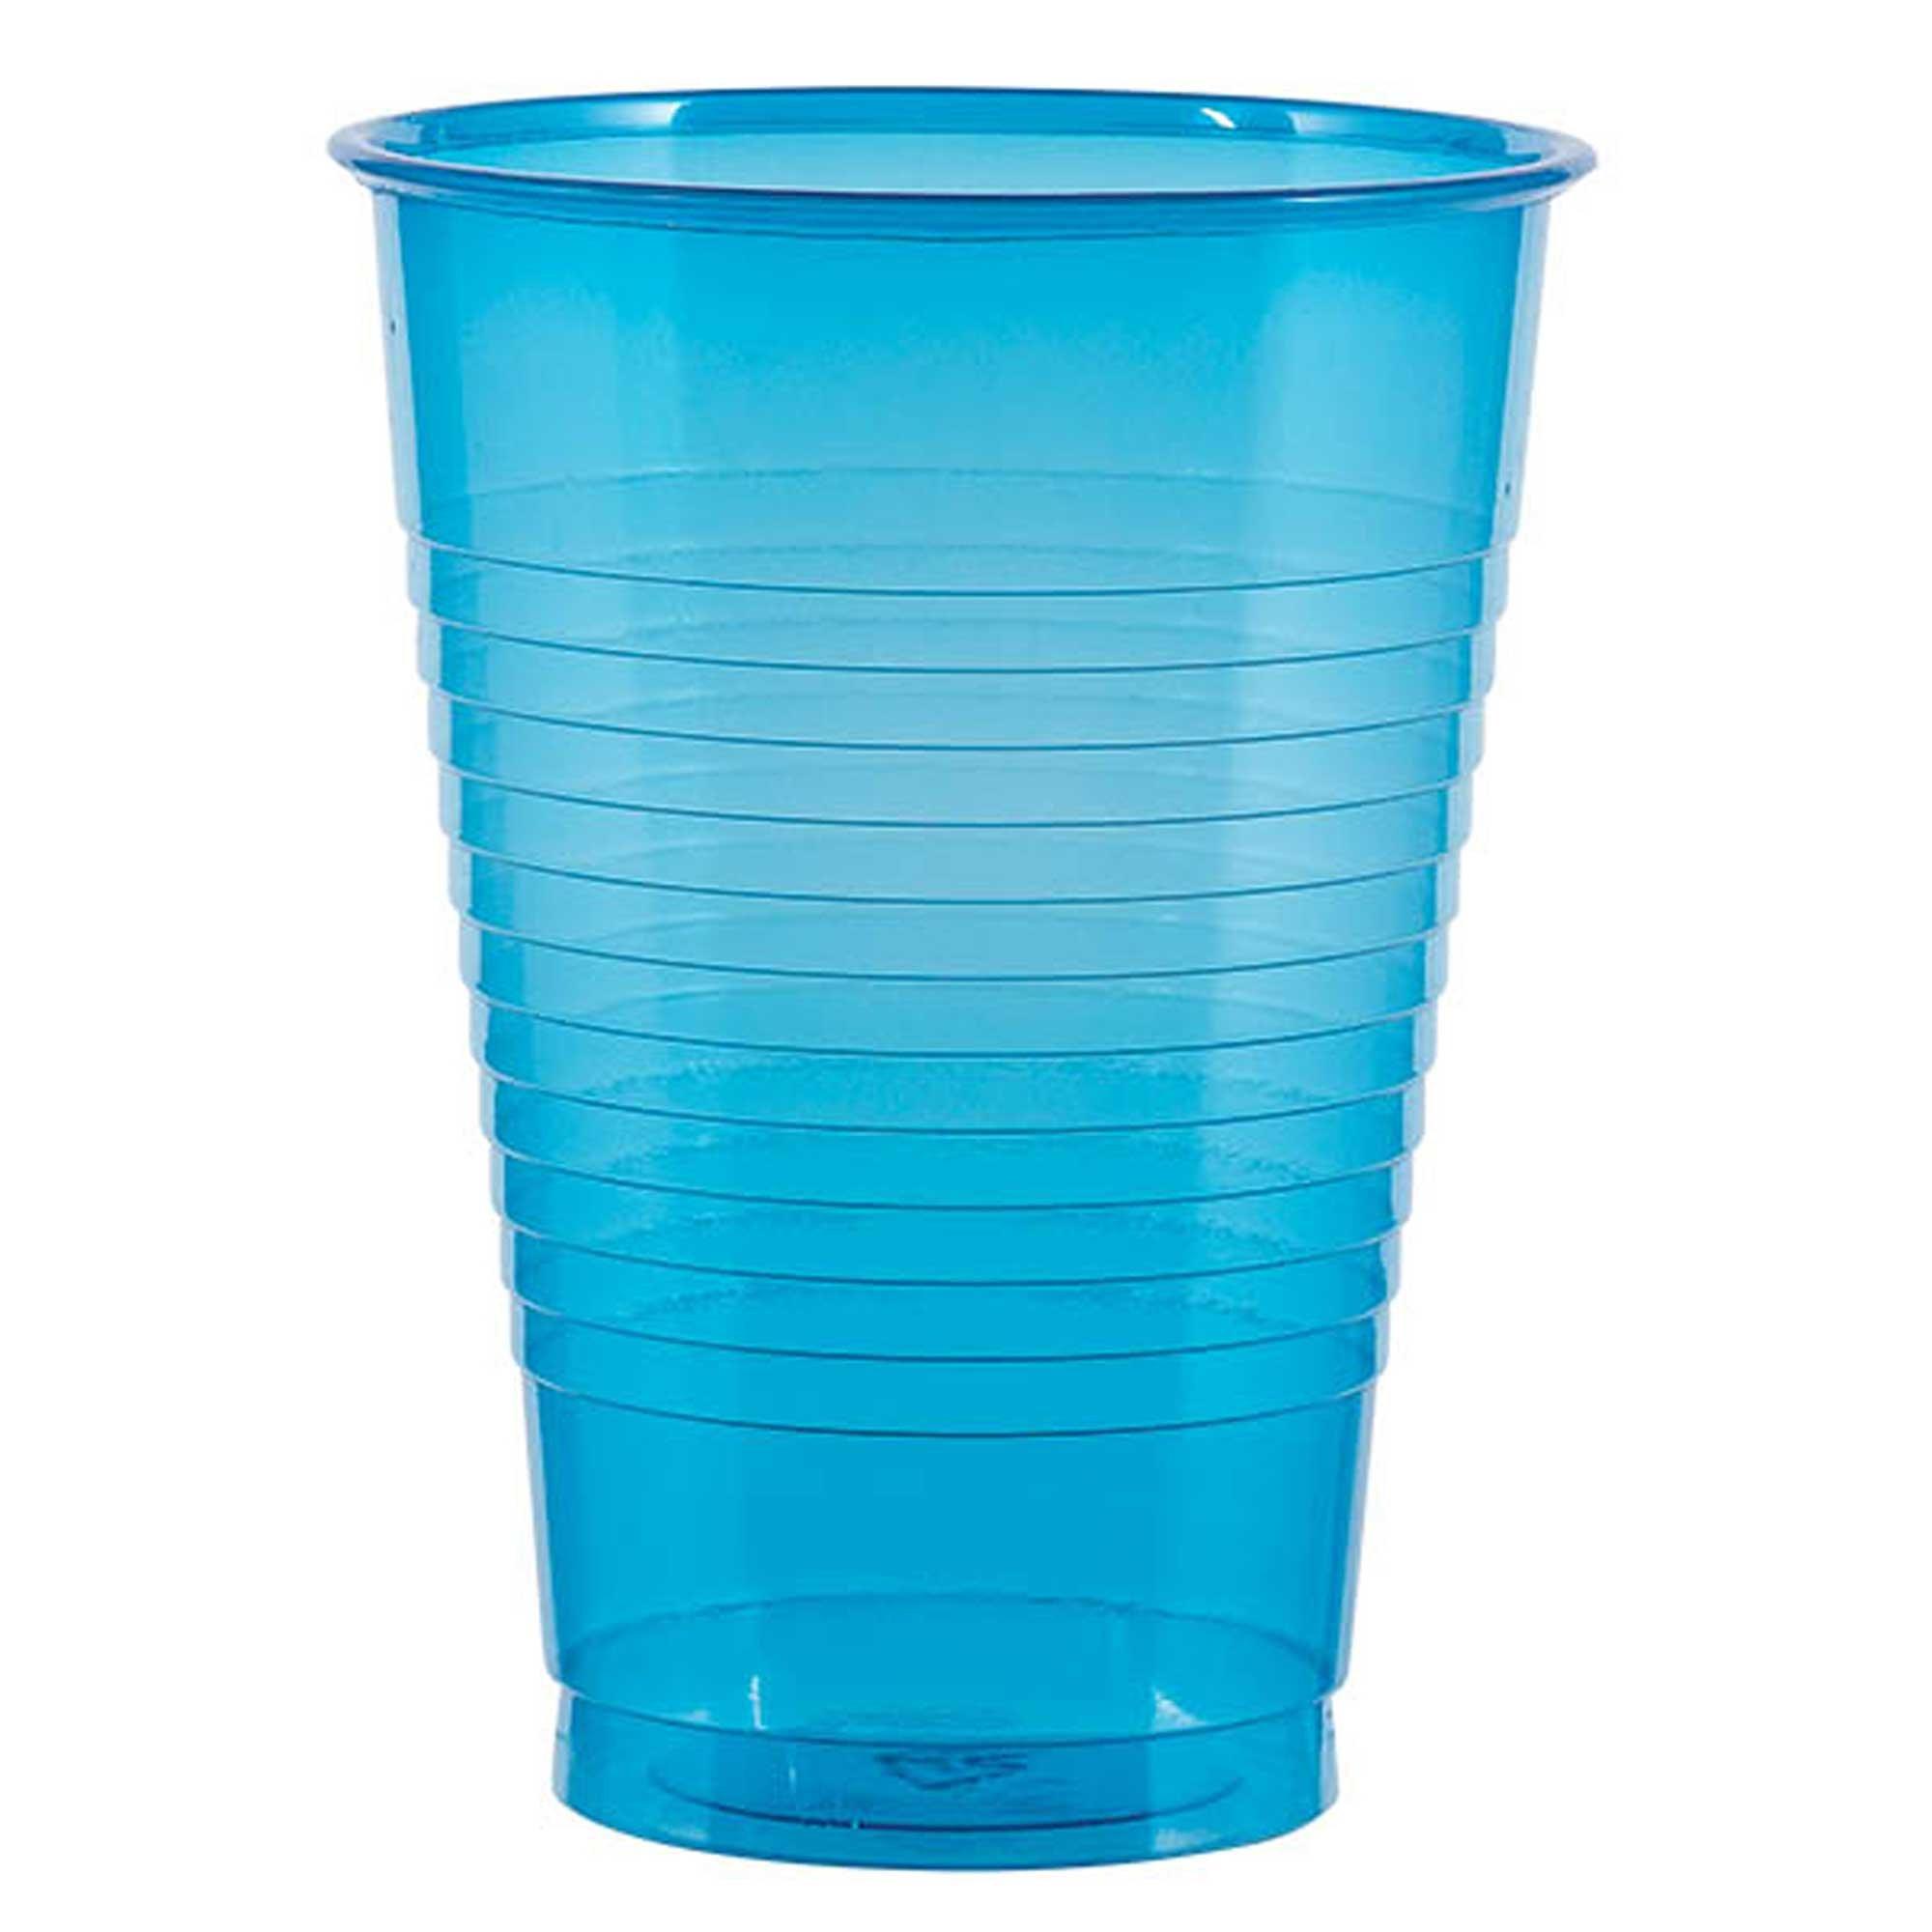 Neon Glasses Blue Plastic 16oz/473ml